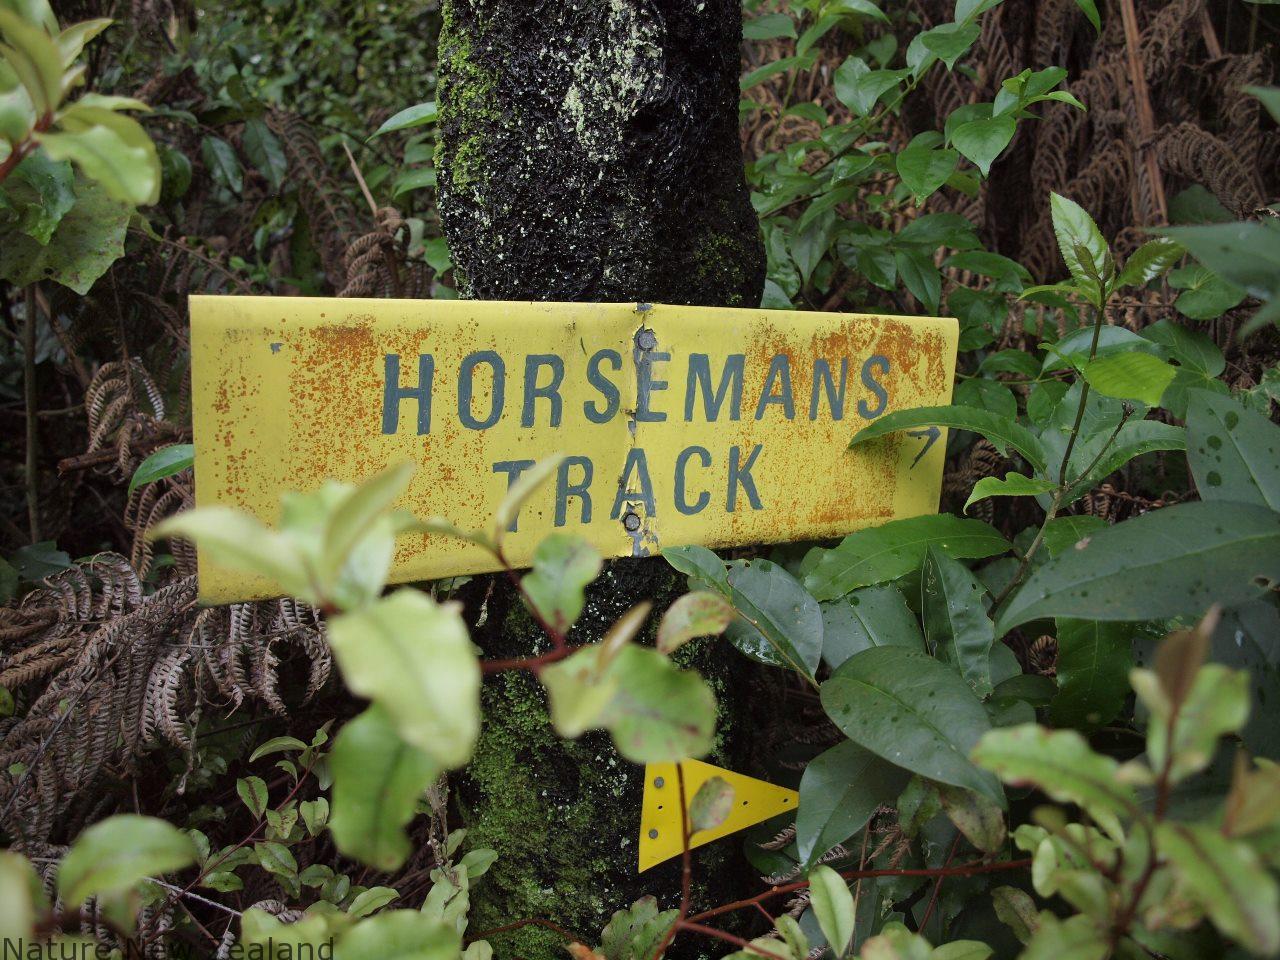 下山の代替ルート、ホースマンズ・トラック